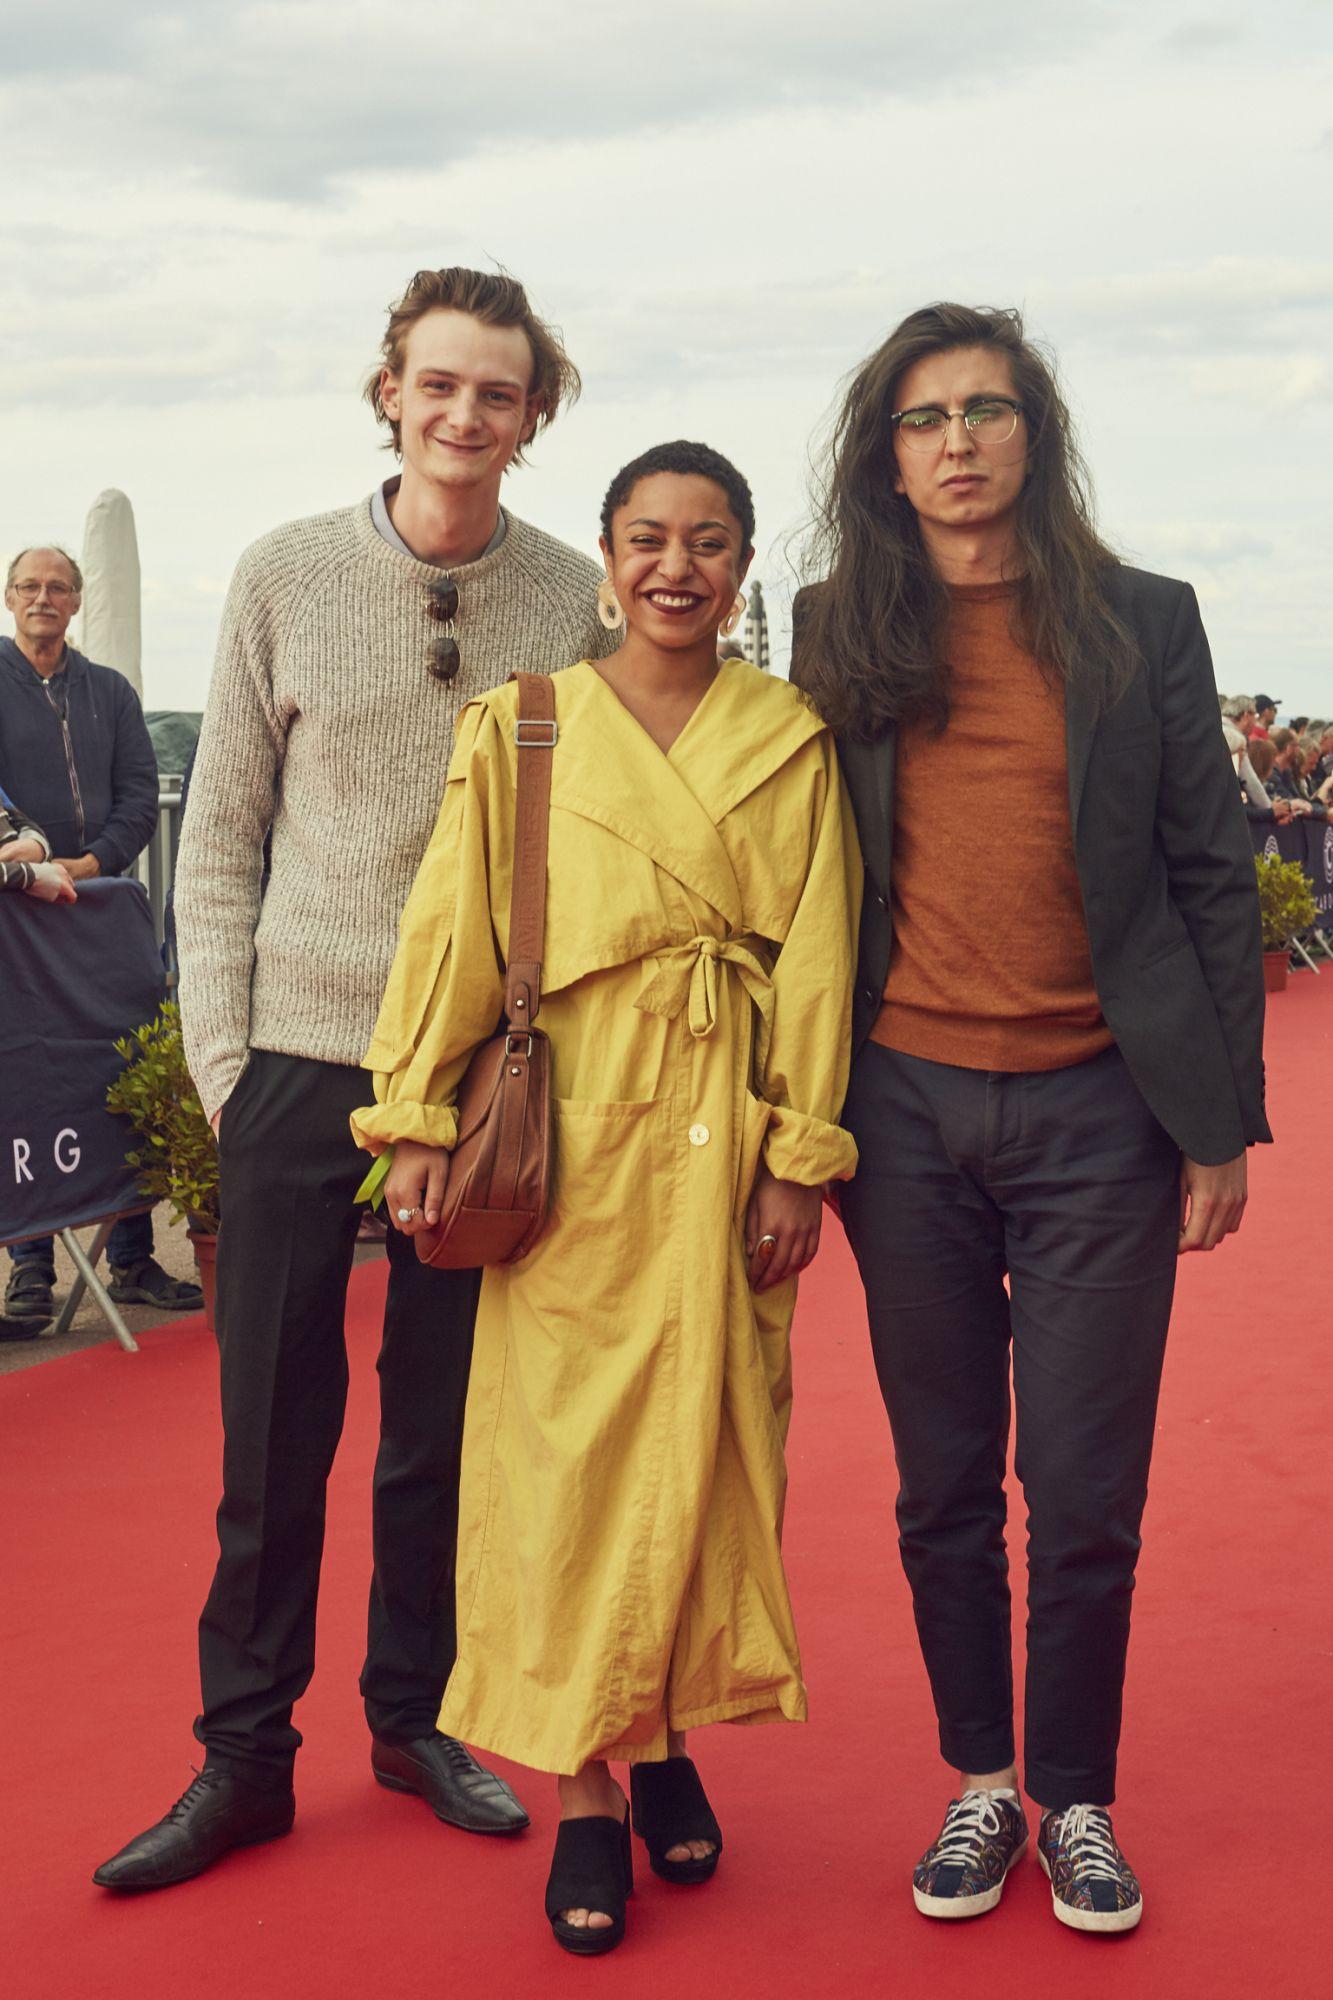 Félix Vannorenberghe (acteur), Mélissa Diarra (actrice) et Sergio Guataquira Sarmiento (réalisateur)  Maquillage : Dr. Hauschka Coiffure : Franck Provost